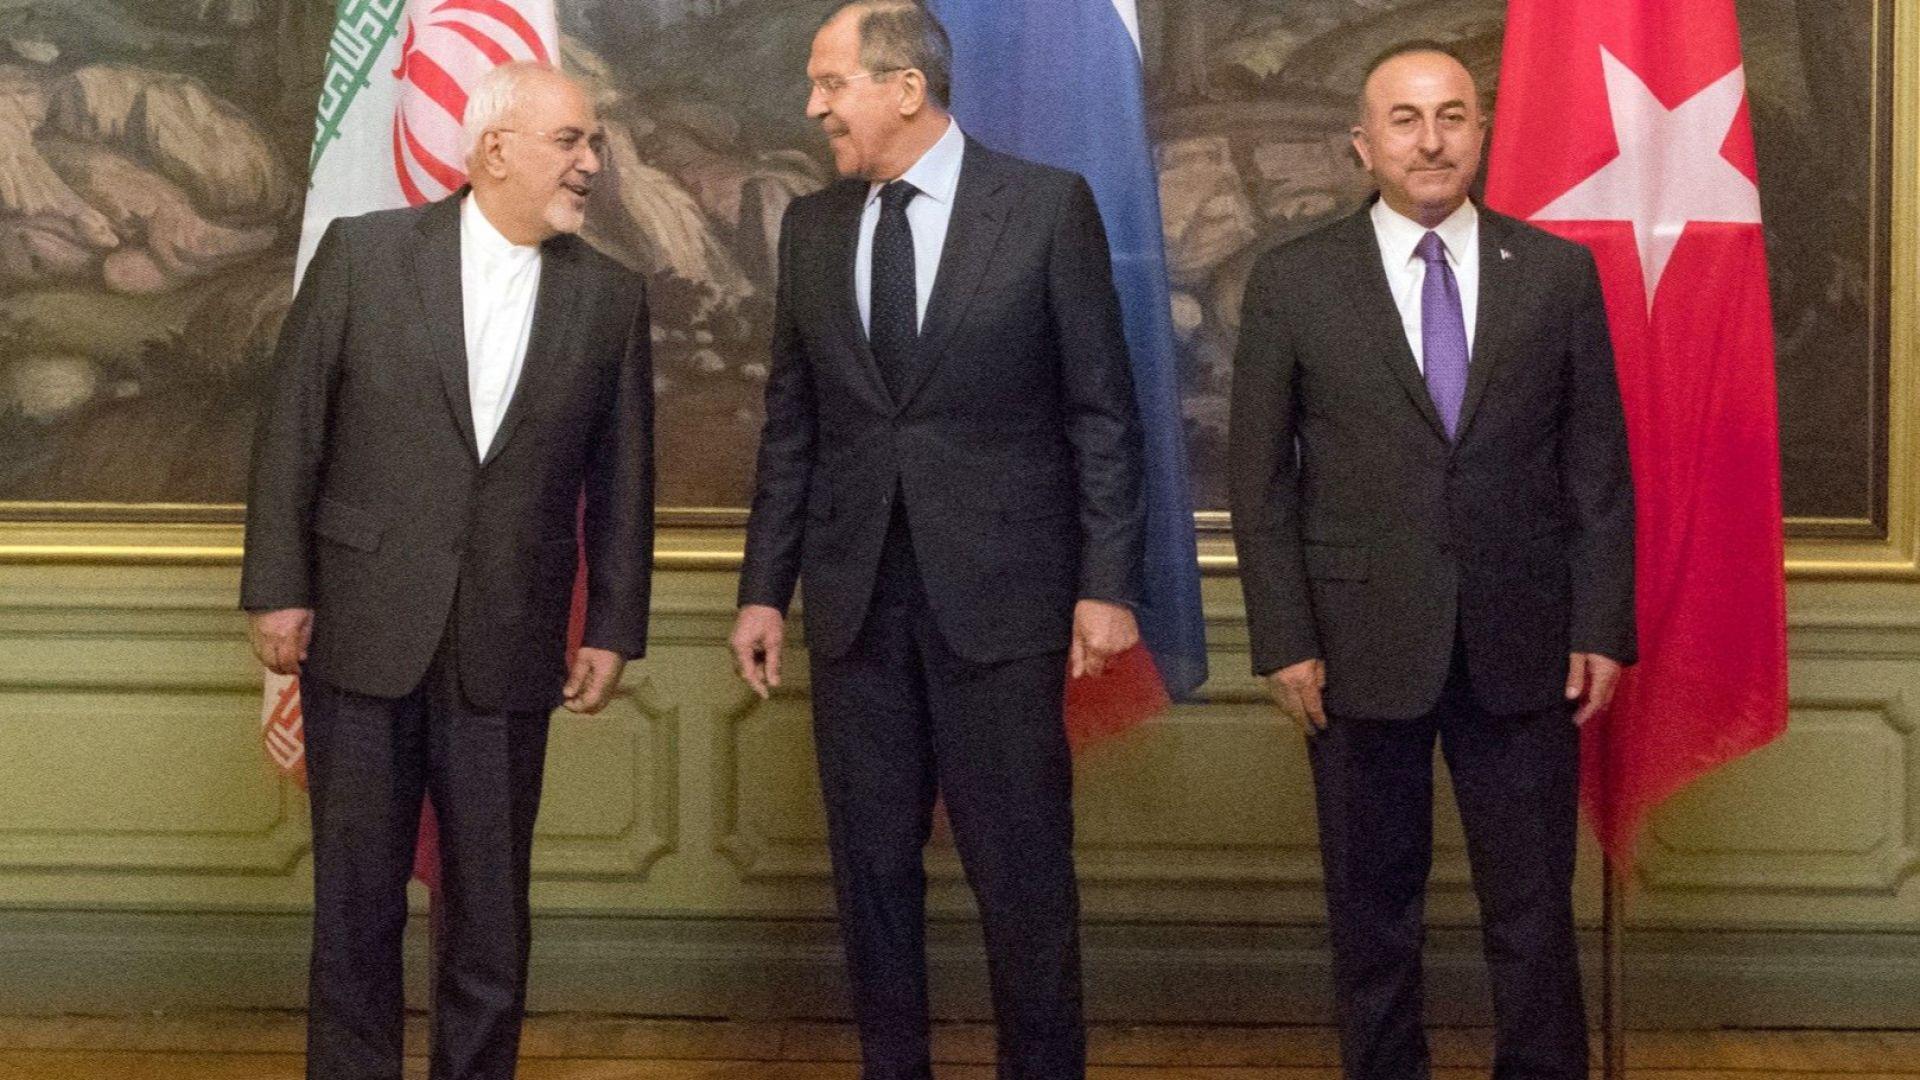 Русия, Иран и Турция против разделяне на Сирия по етнорелигиозен признак